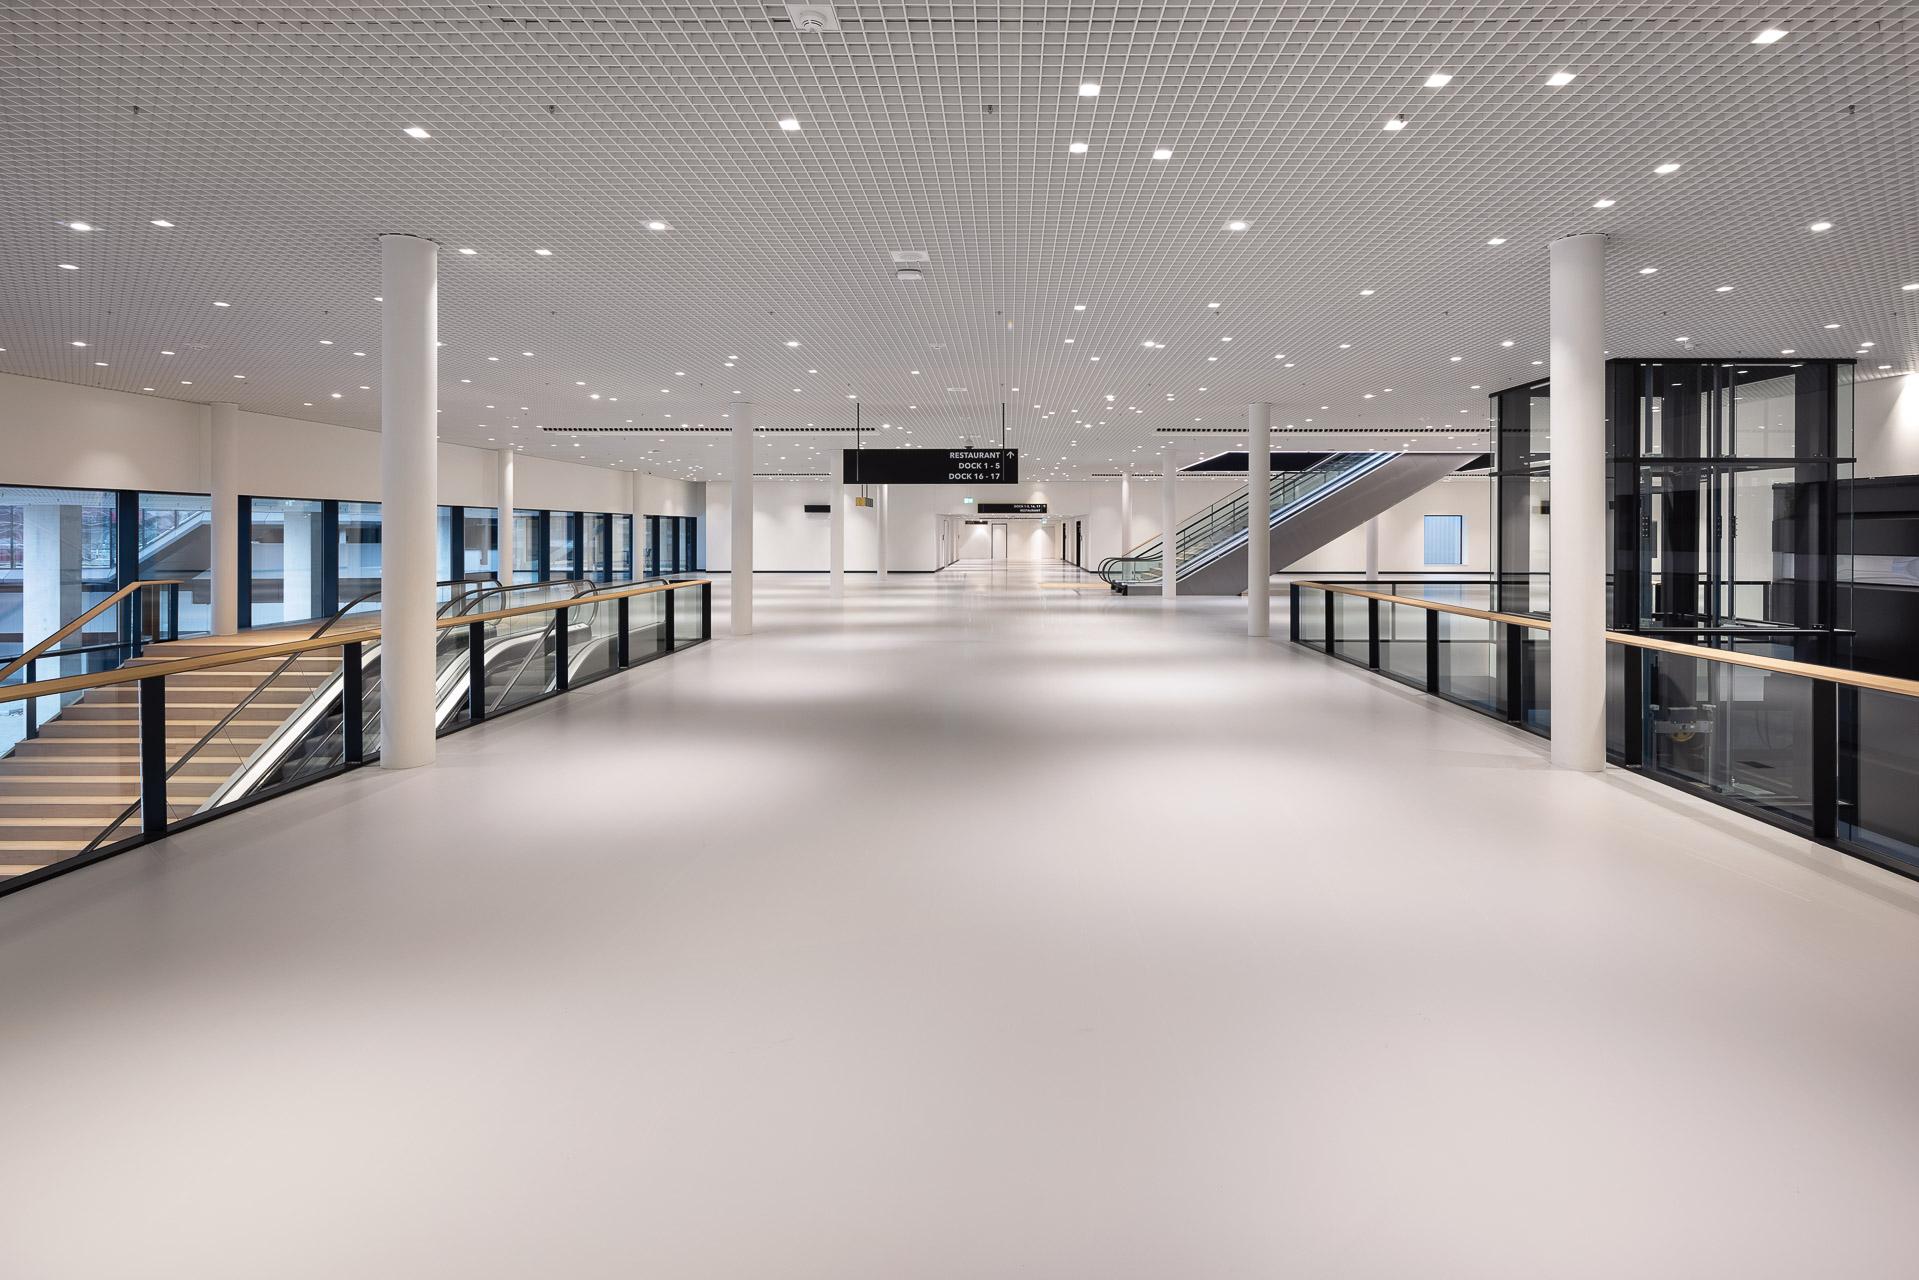 SP2020-Rotterdam-Ahoy-Convention-Centre-Interieur-3-Architectuur-fotografie